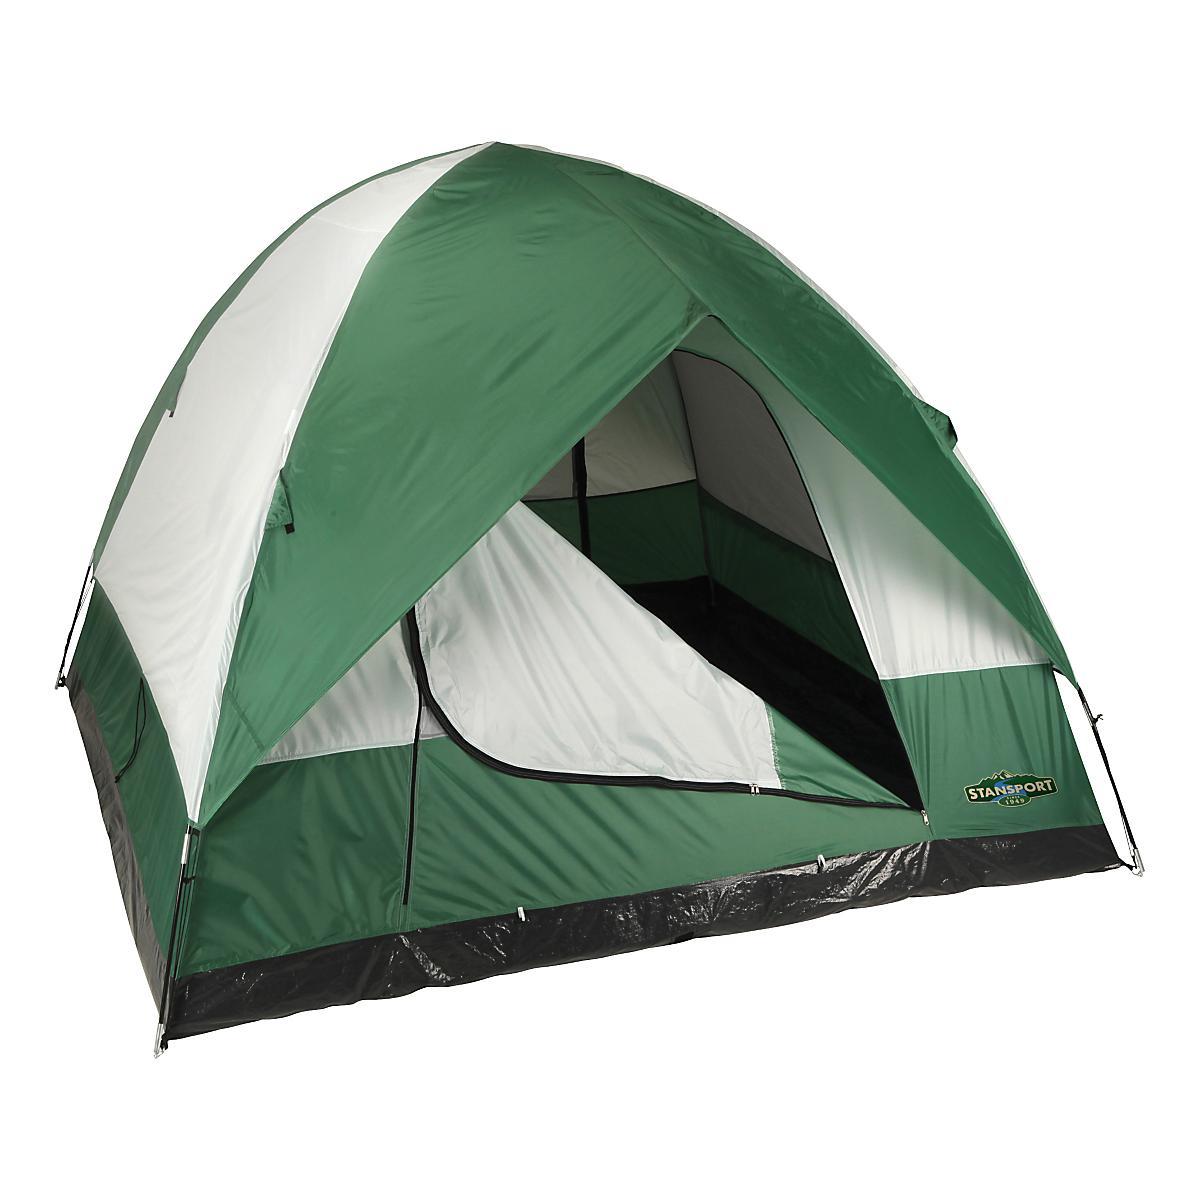 Stansport�Rainier 2 Pole Dome Tent